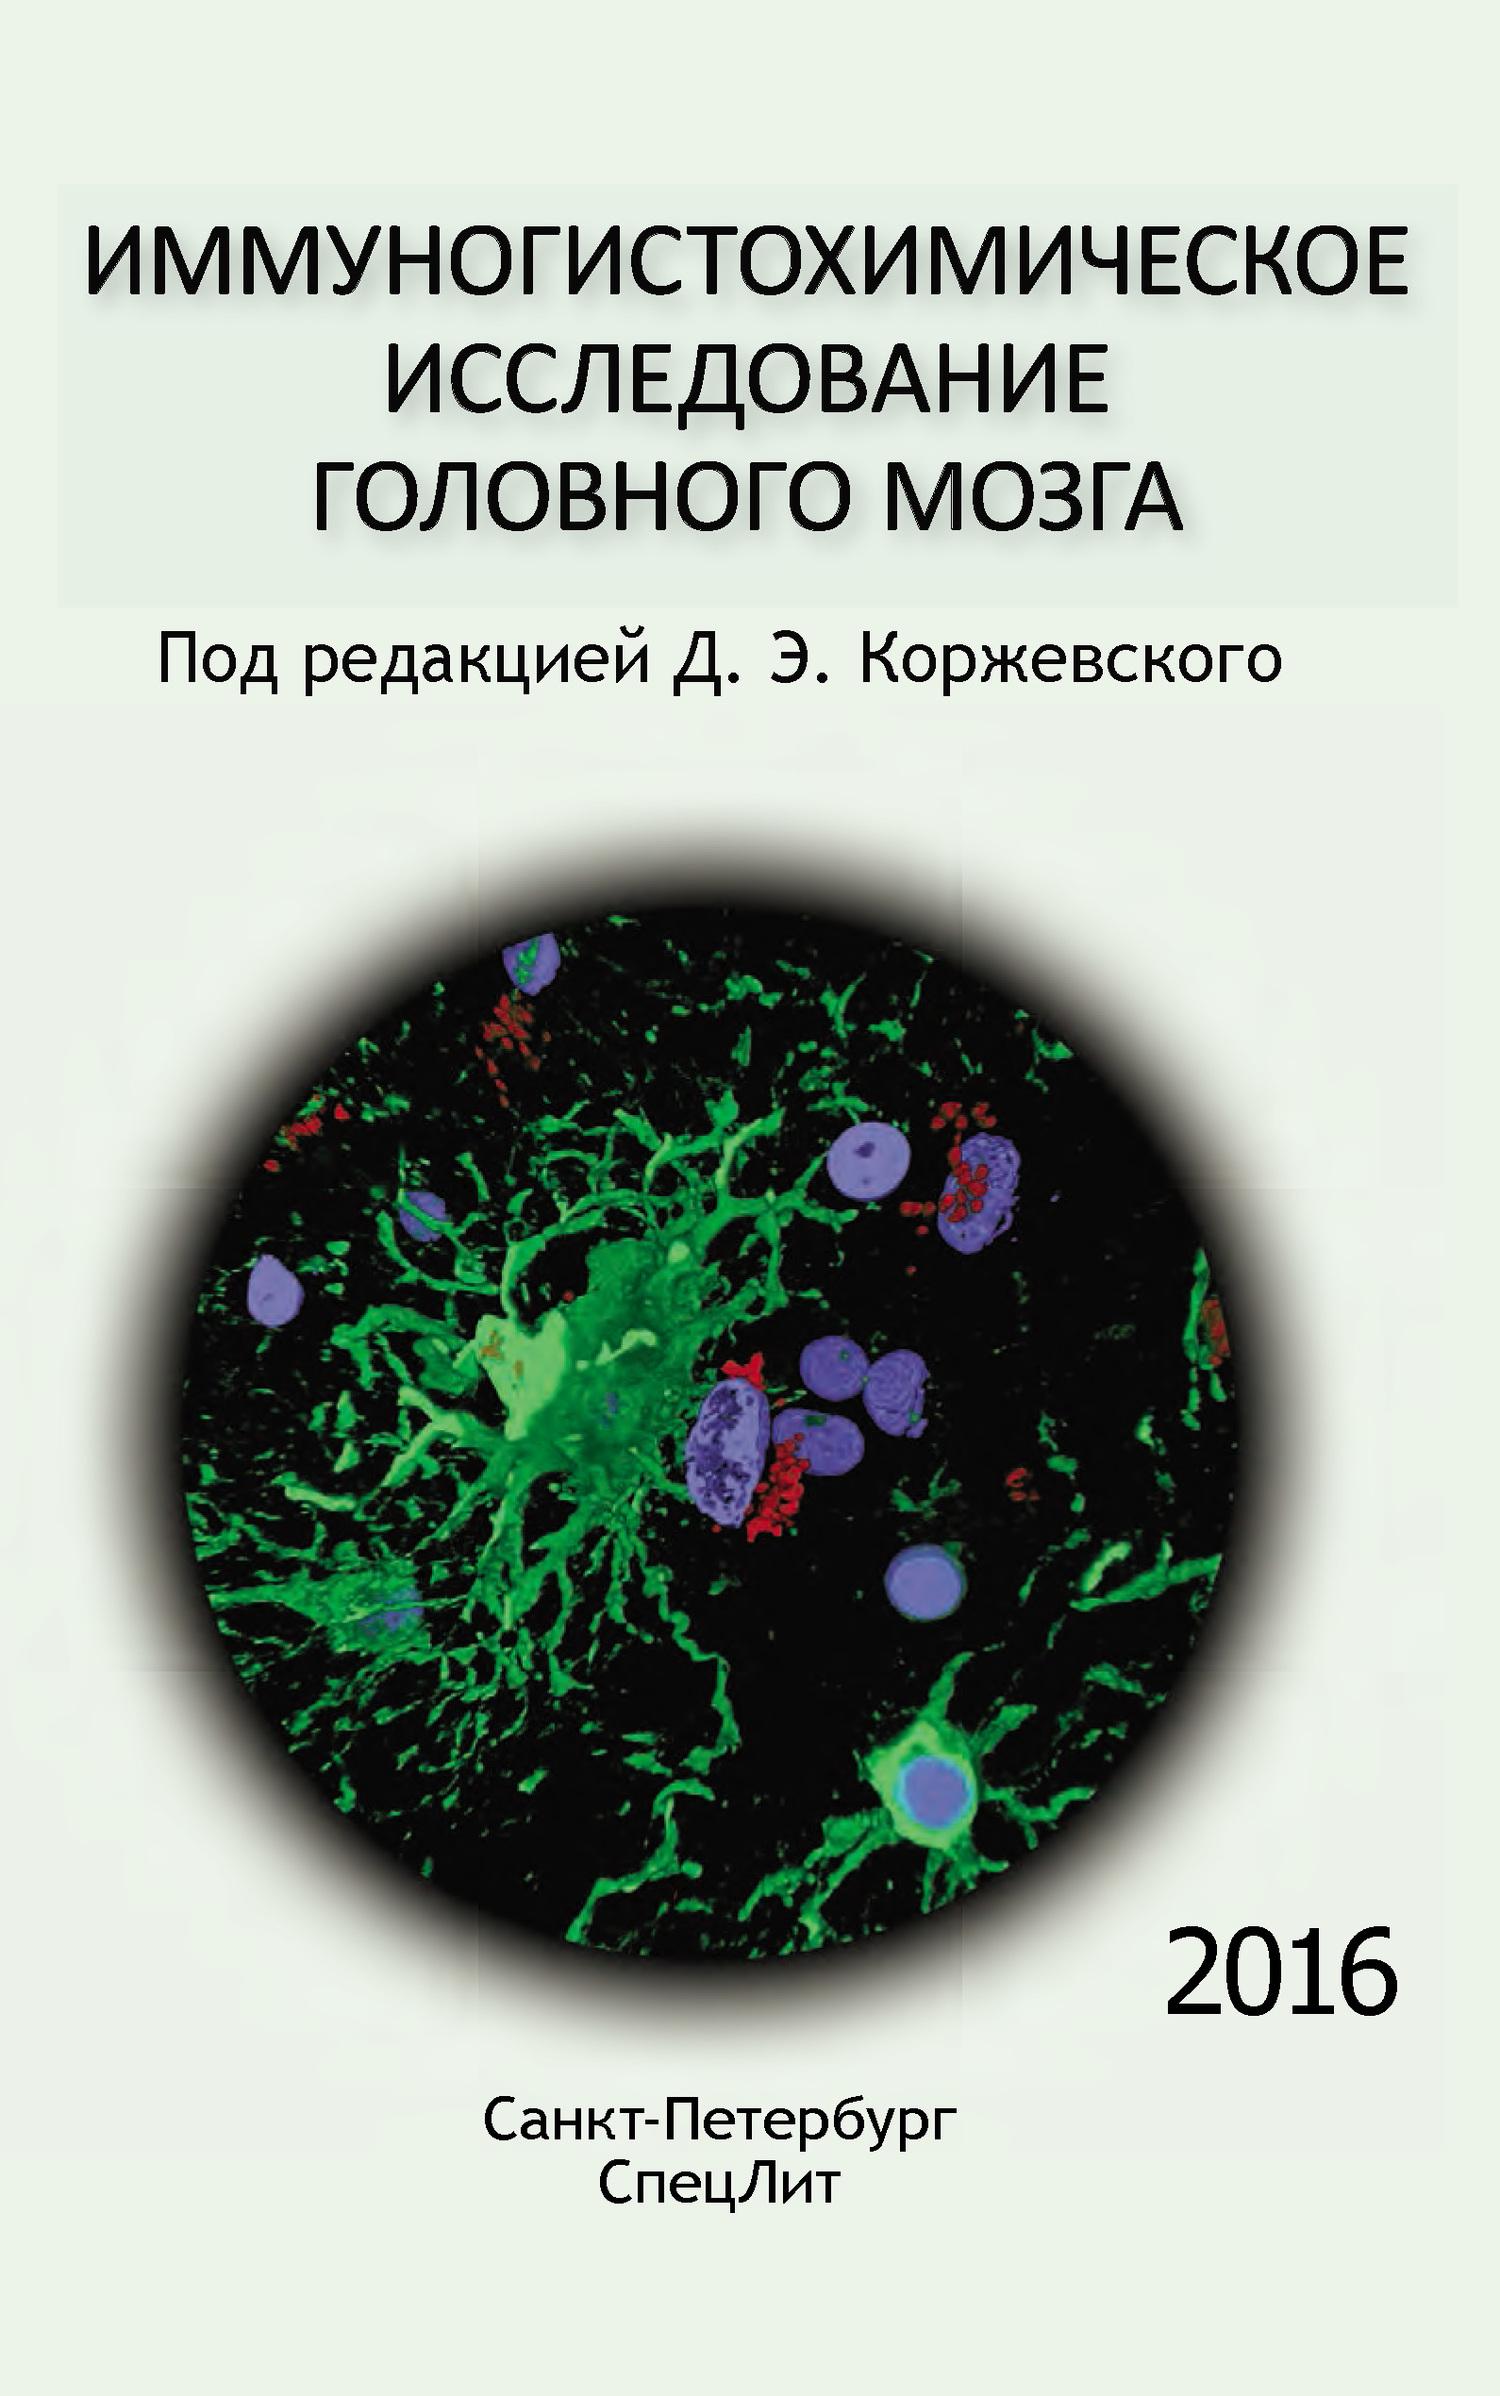 Иммуногистохимия - где сделать в москве, цена анализа